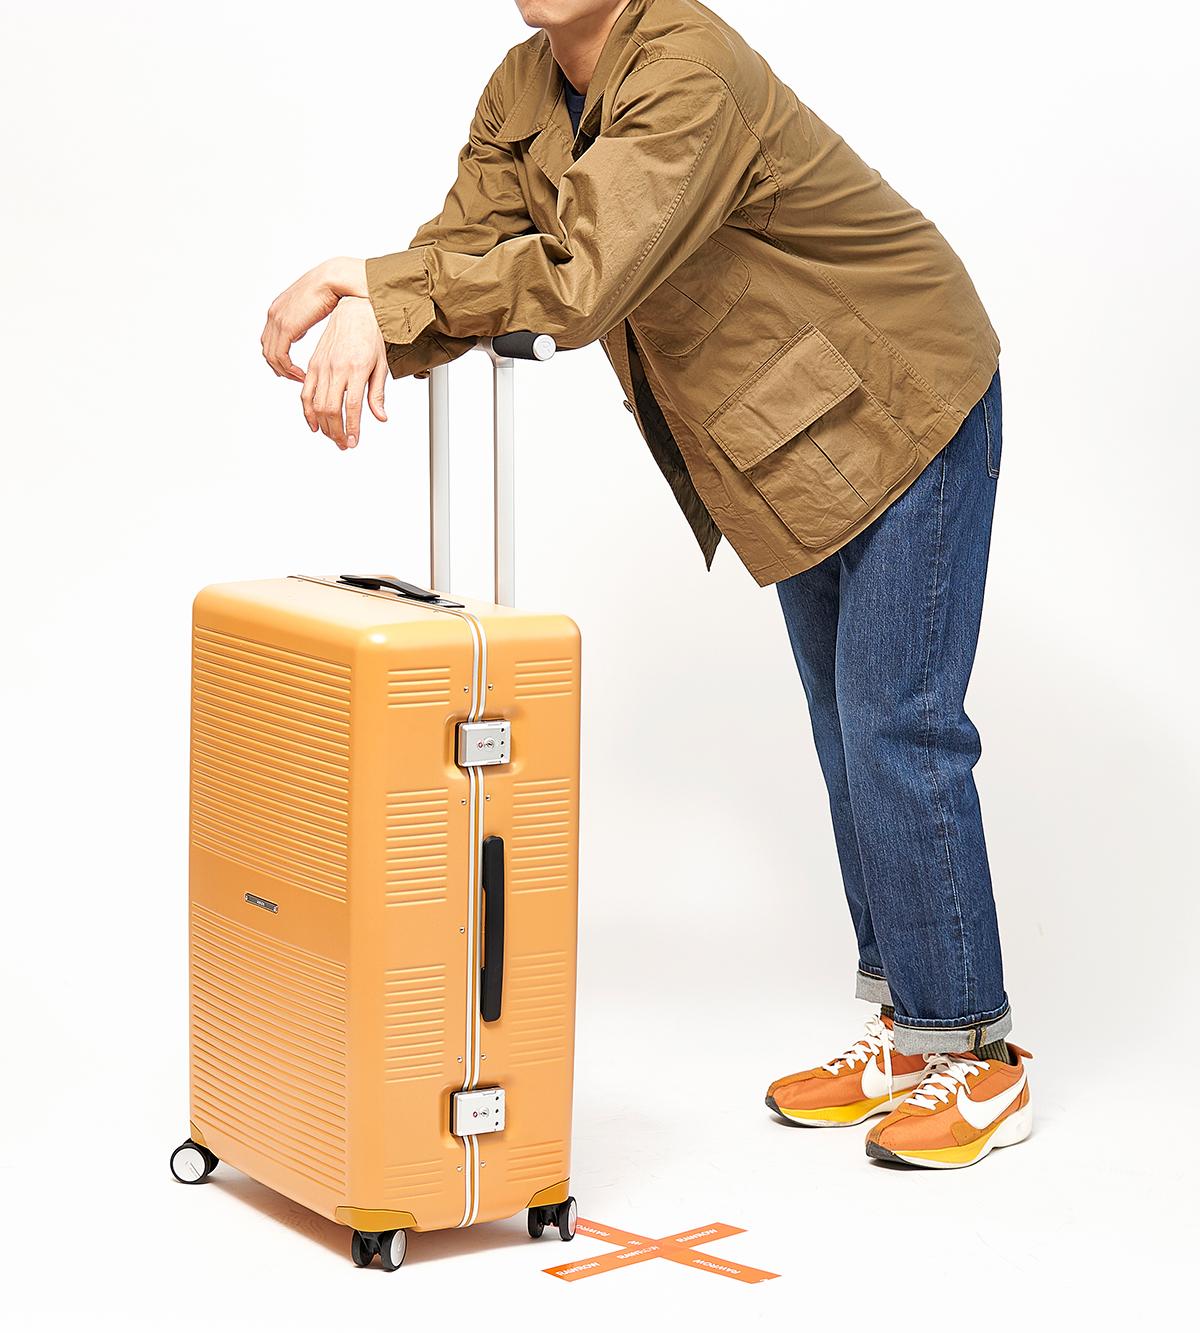 国内旅行、海外旅行、ビジネス、留学、出張、長期滞在に。気の利く設計であなたの旅路に寄り添うスーツケース(88L・7泊〜)|RAWROW